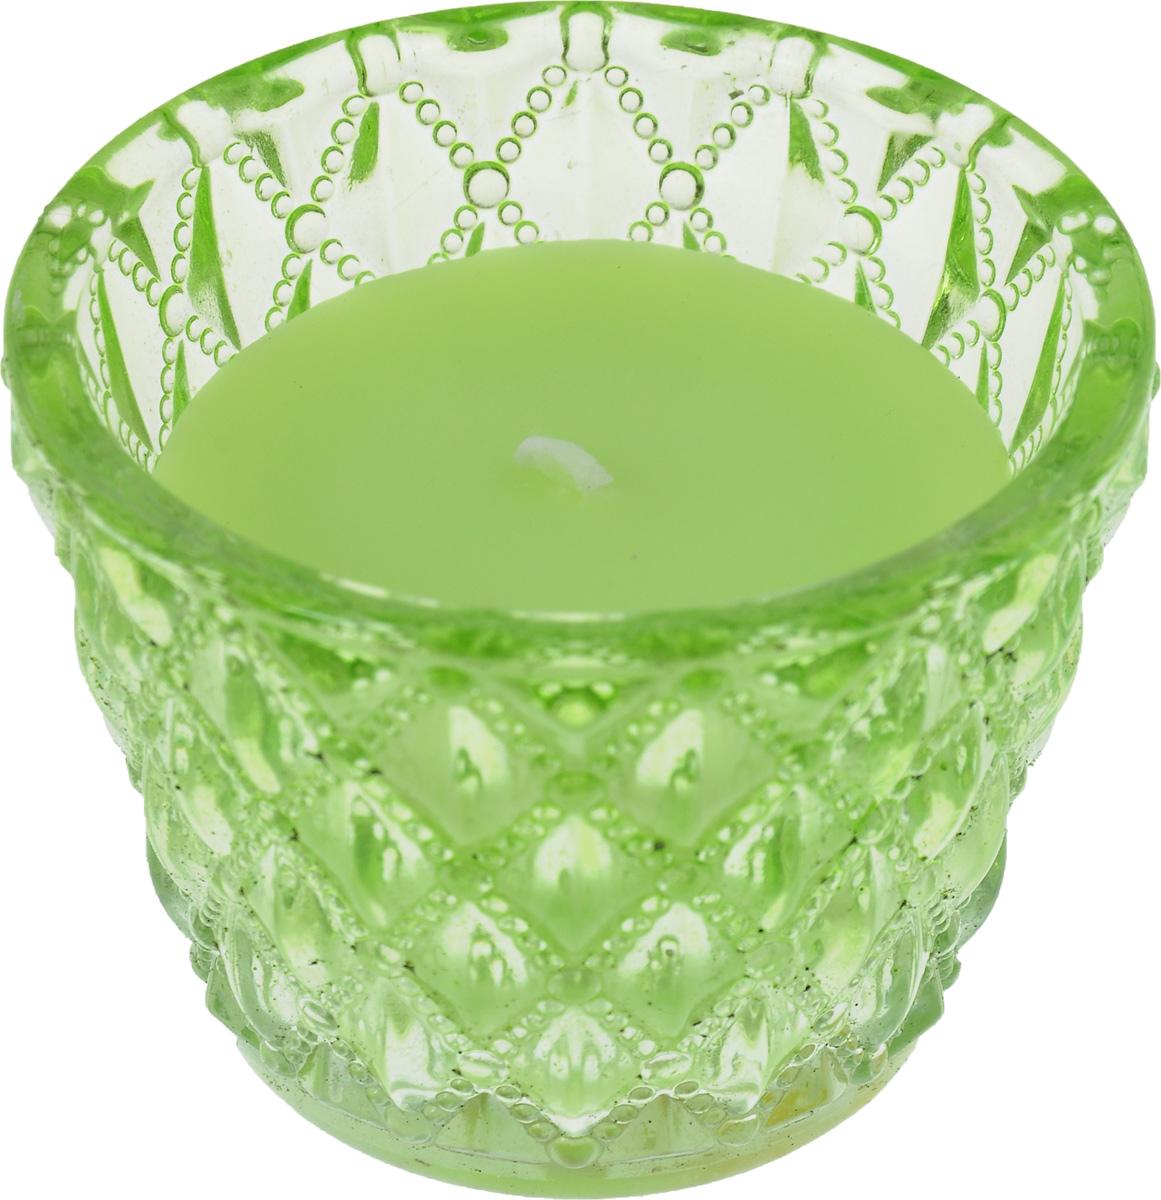 Декоративная ароматизированная свеча Magic Home, аромат Зеленый чай, 4122541225Оригинальная ароматизированная свеча Феникс-презент Зеленый чай, изготовленная из парафина, помещена в стакан из стекла с рельефной поверхностью. Свеча наполнит вашу комнату приятным цветочным ароматом и создаст уютную атмосферу. Вы можете поставить свечу в любом месте, где она будет удачно смотреться и радовать глаз. Кроме того, эта свеча - отличный вариант подарка для ваших близких и друзей.